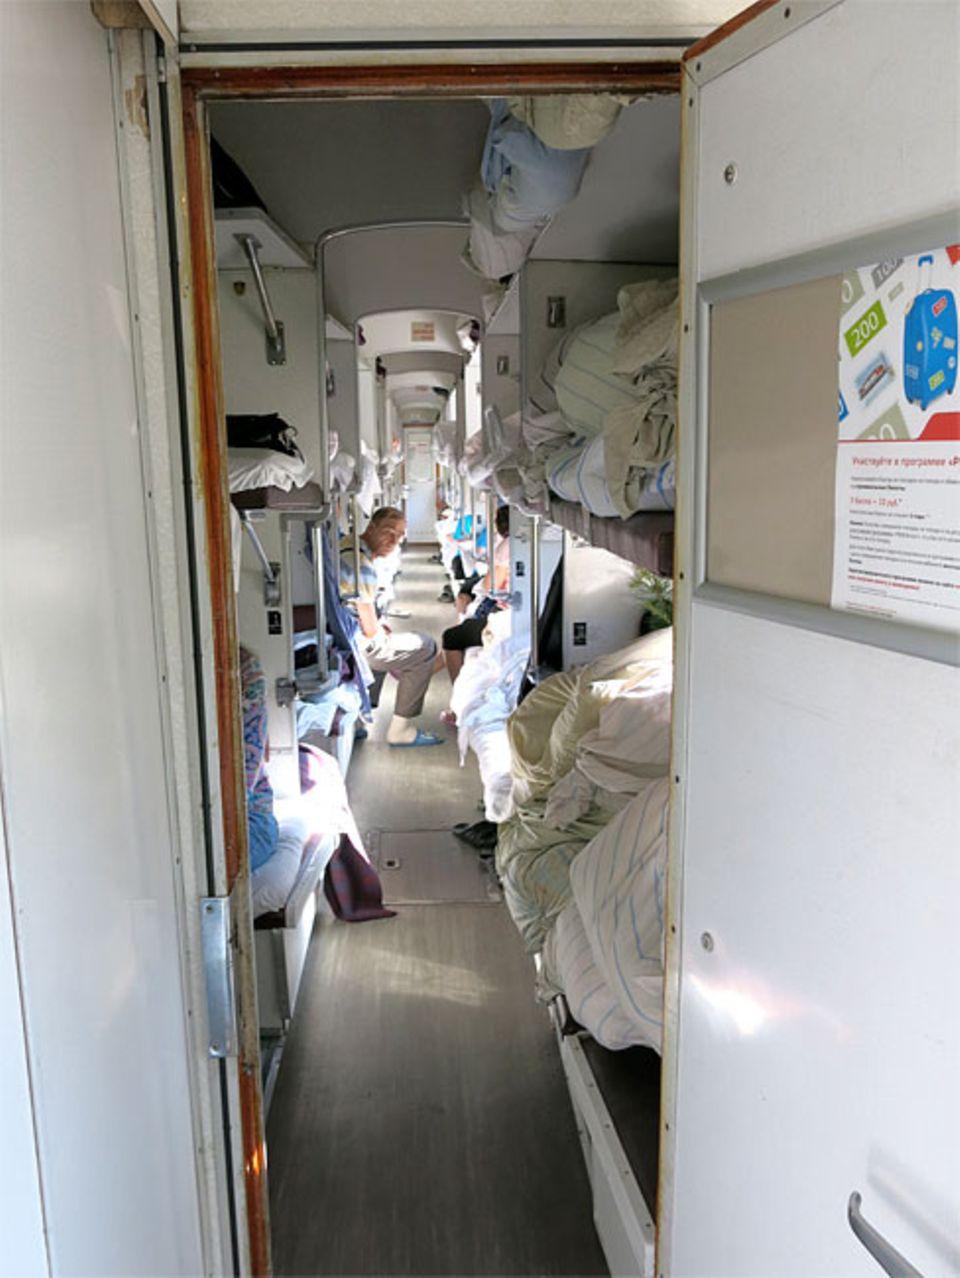 Reisetraum: Keine Vorhänge, keine Trennwände. Eng an eng verbingen die Passagiere ihre Zeit im Großraumabteil des Linienzugs